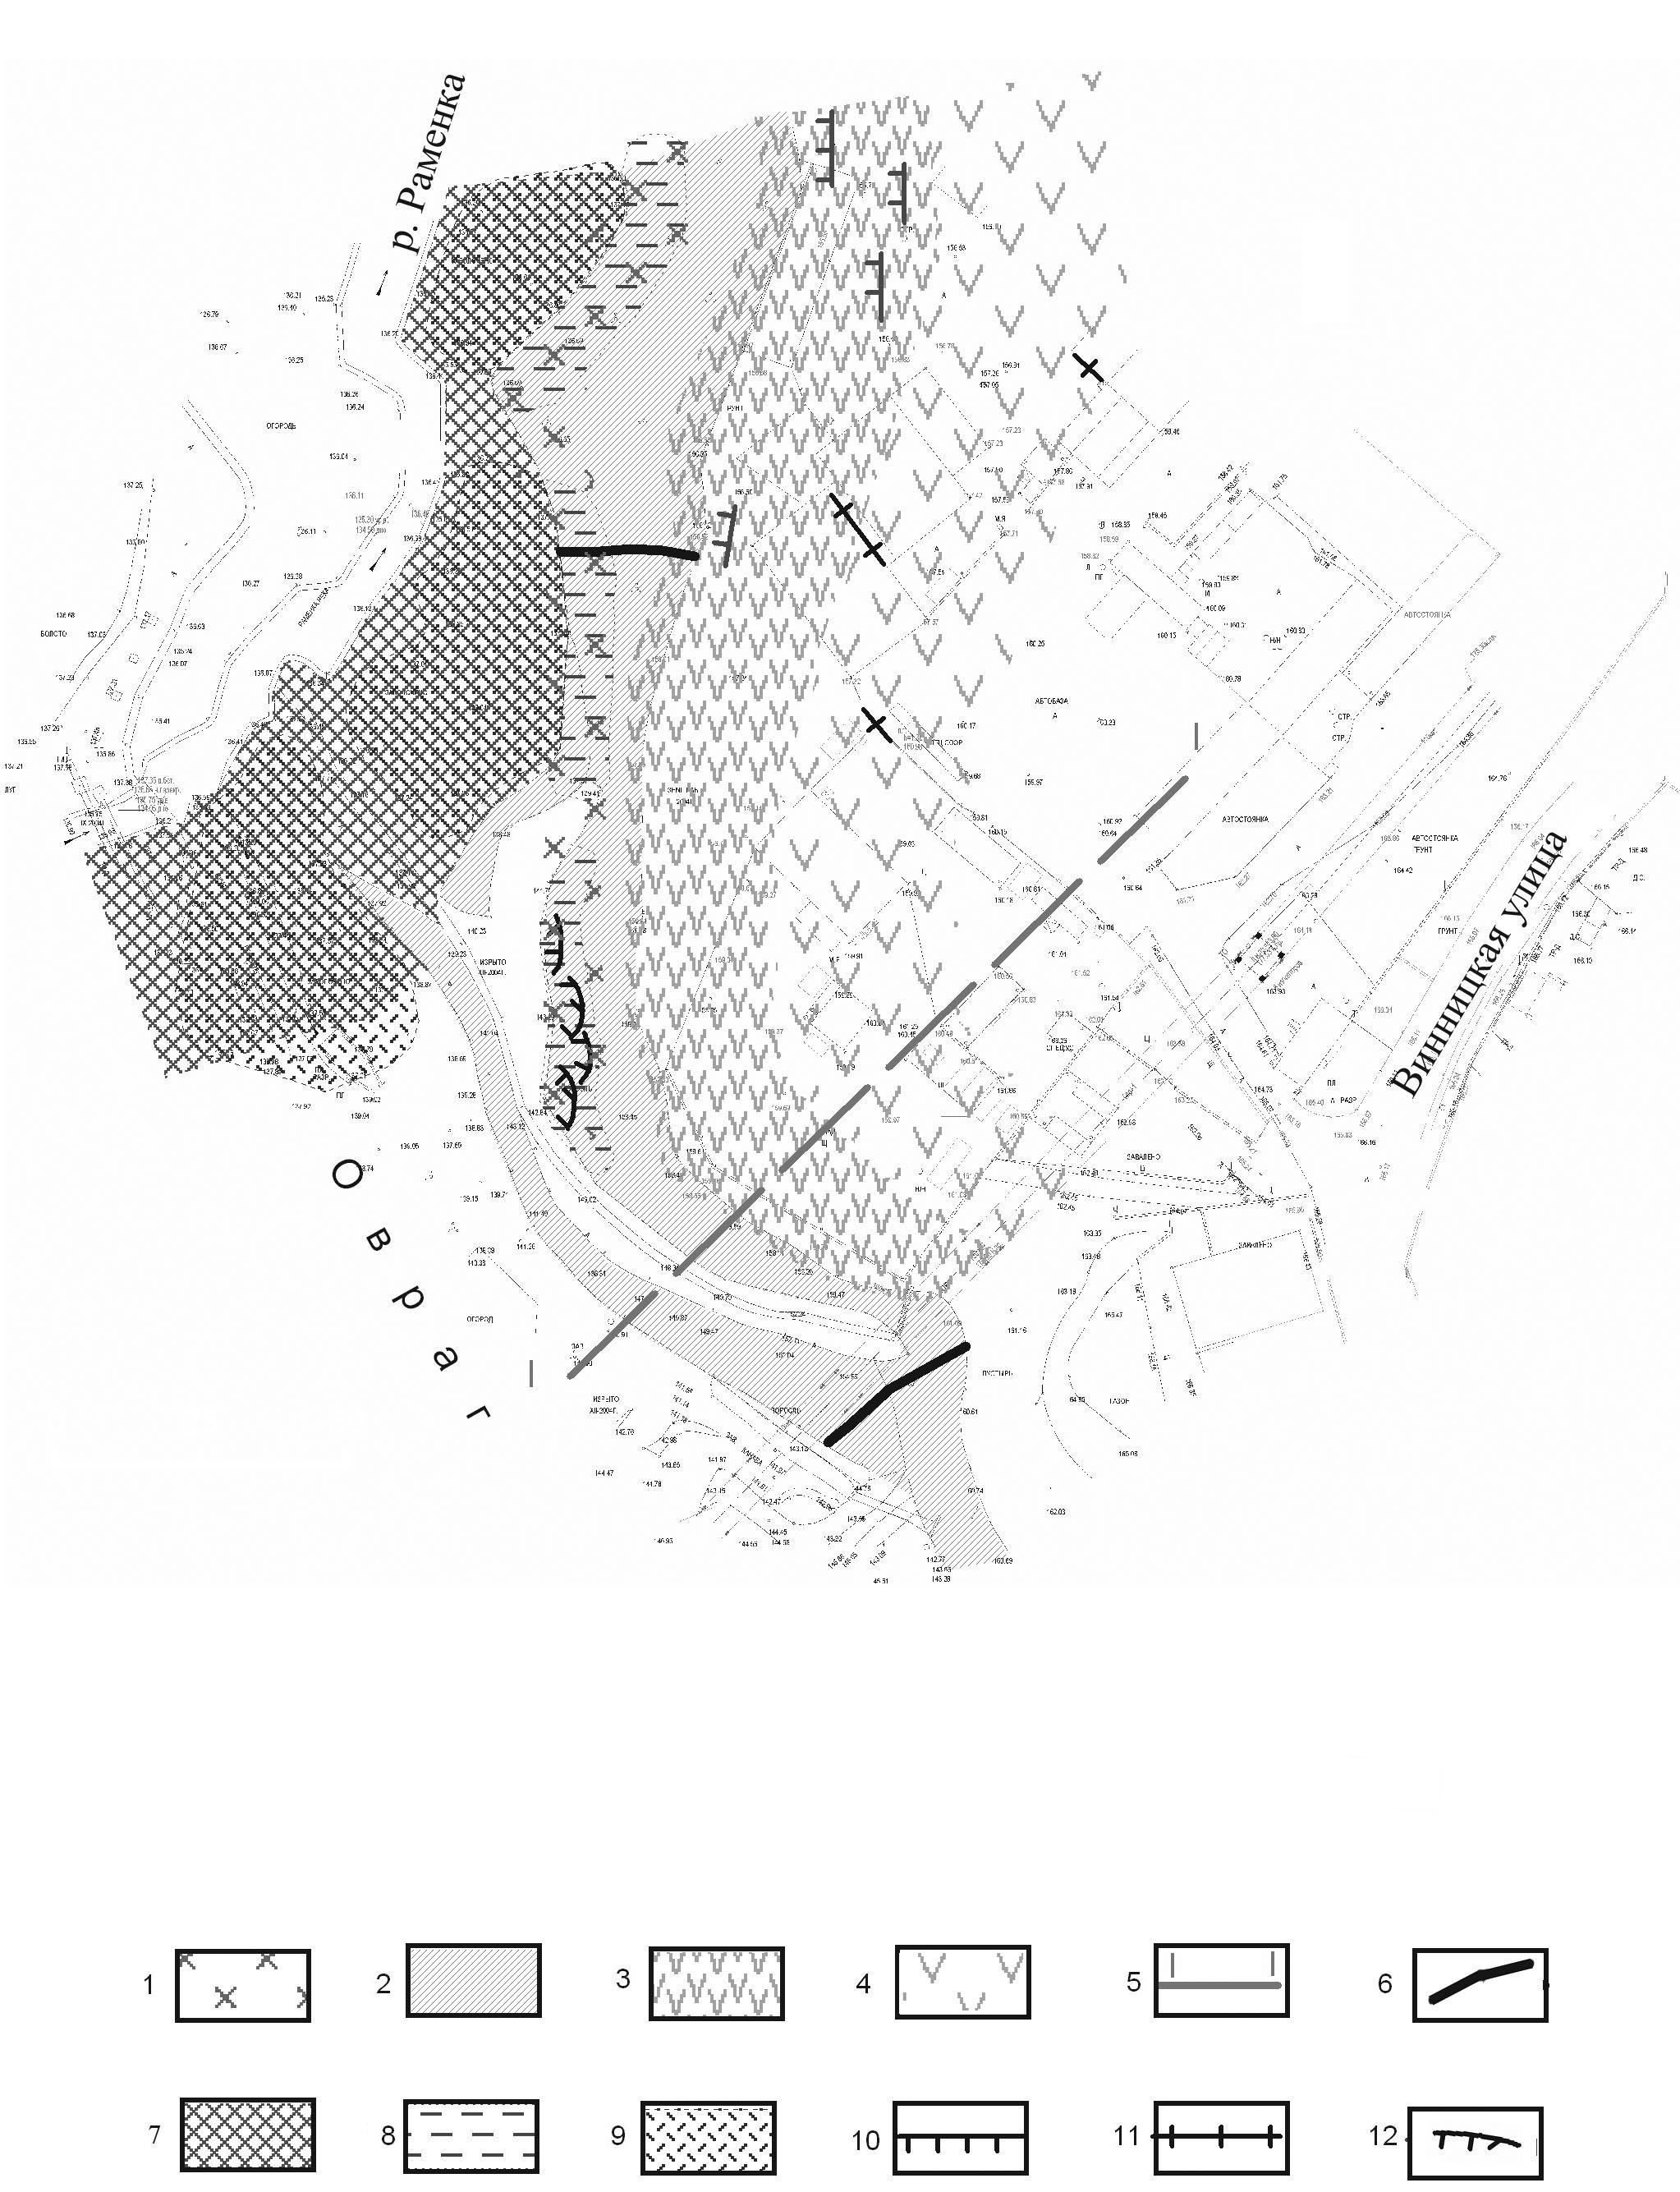 Карта развития деформаций на участке проектируемых очистных сооружений (р. Раменка, ул. Винницкая, г. Москва)